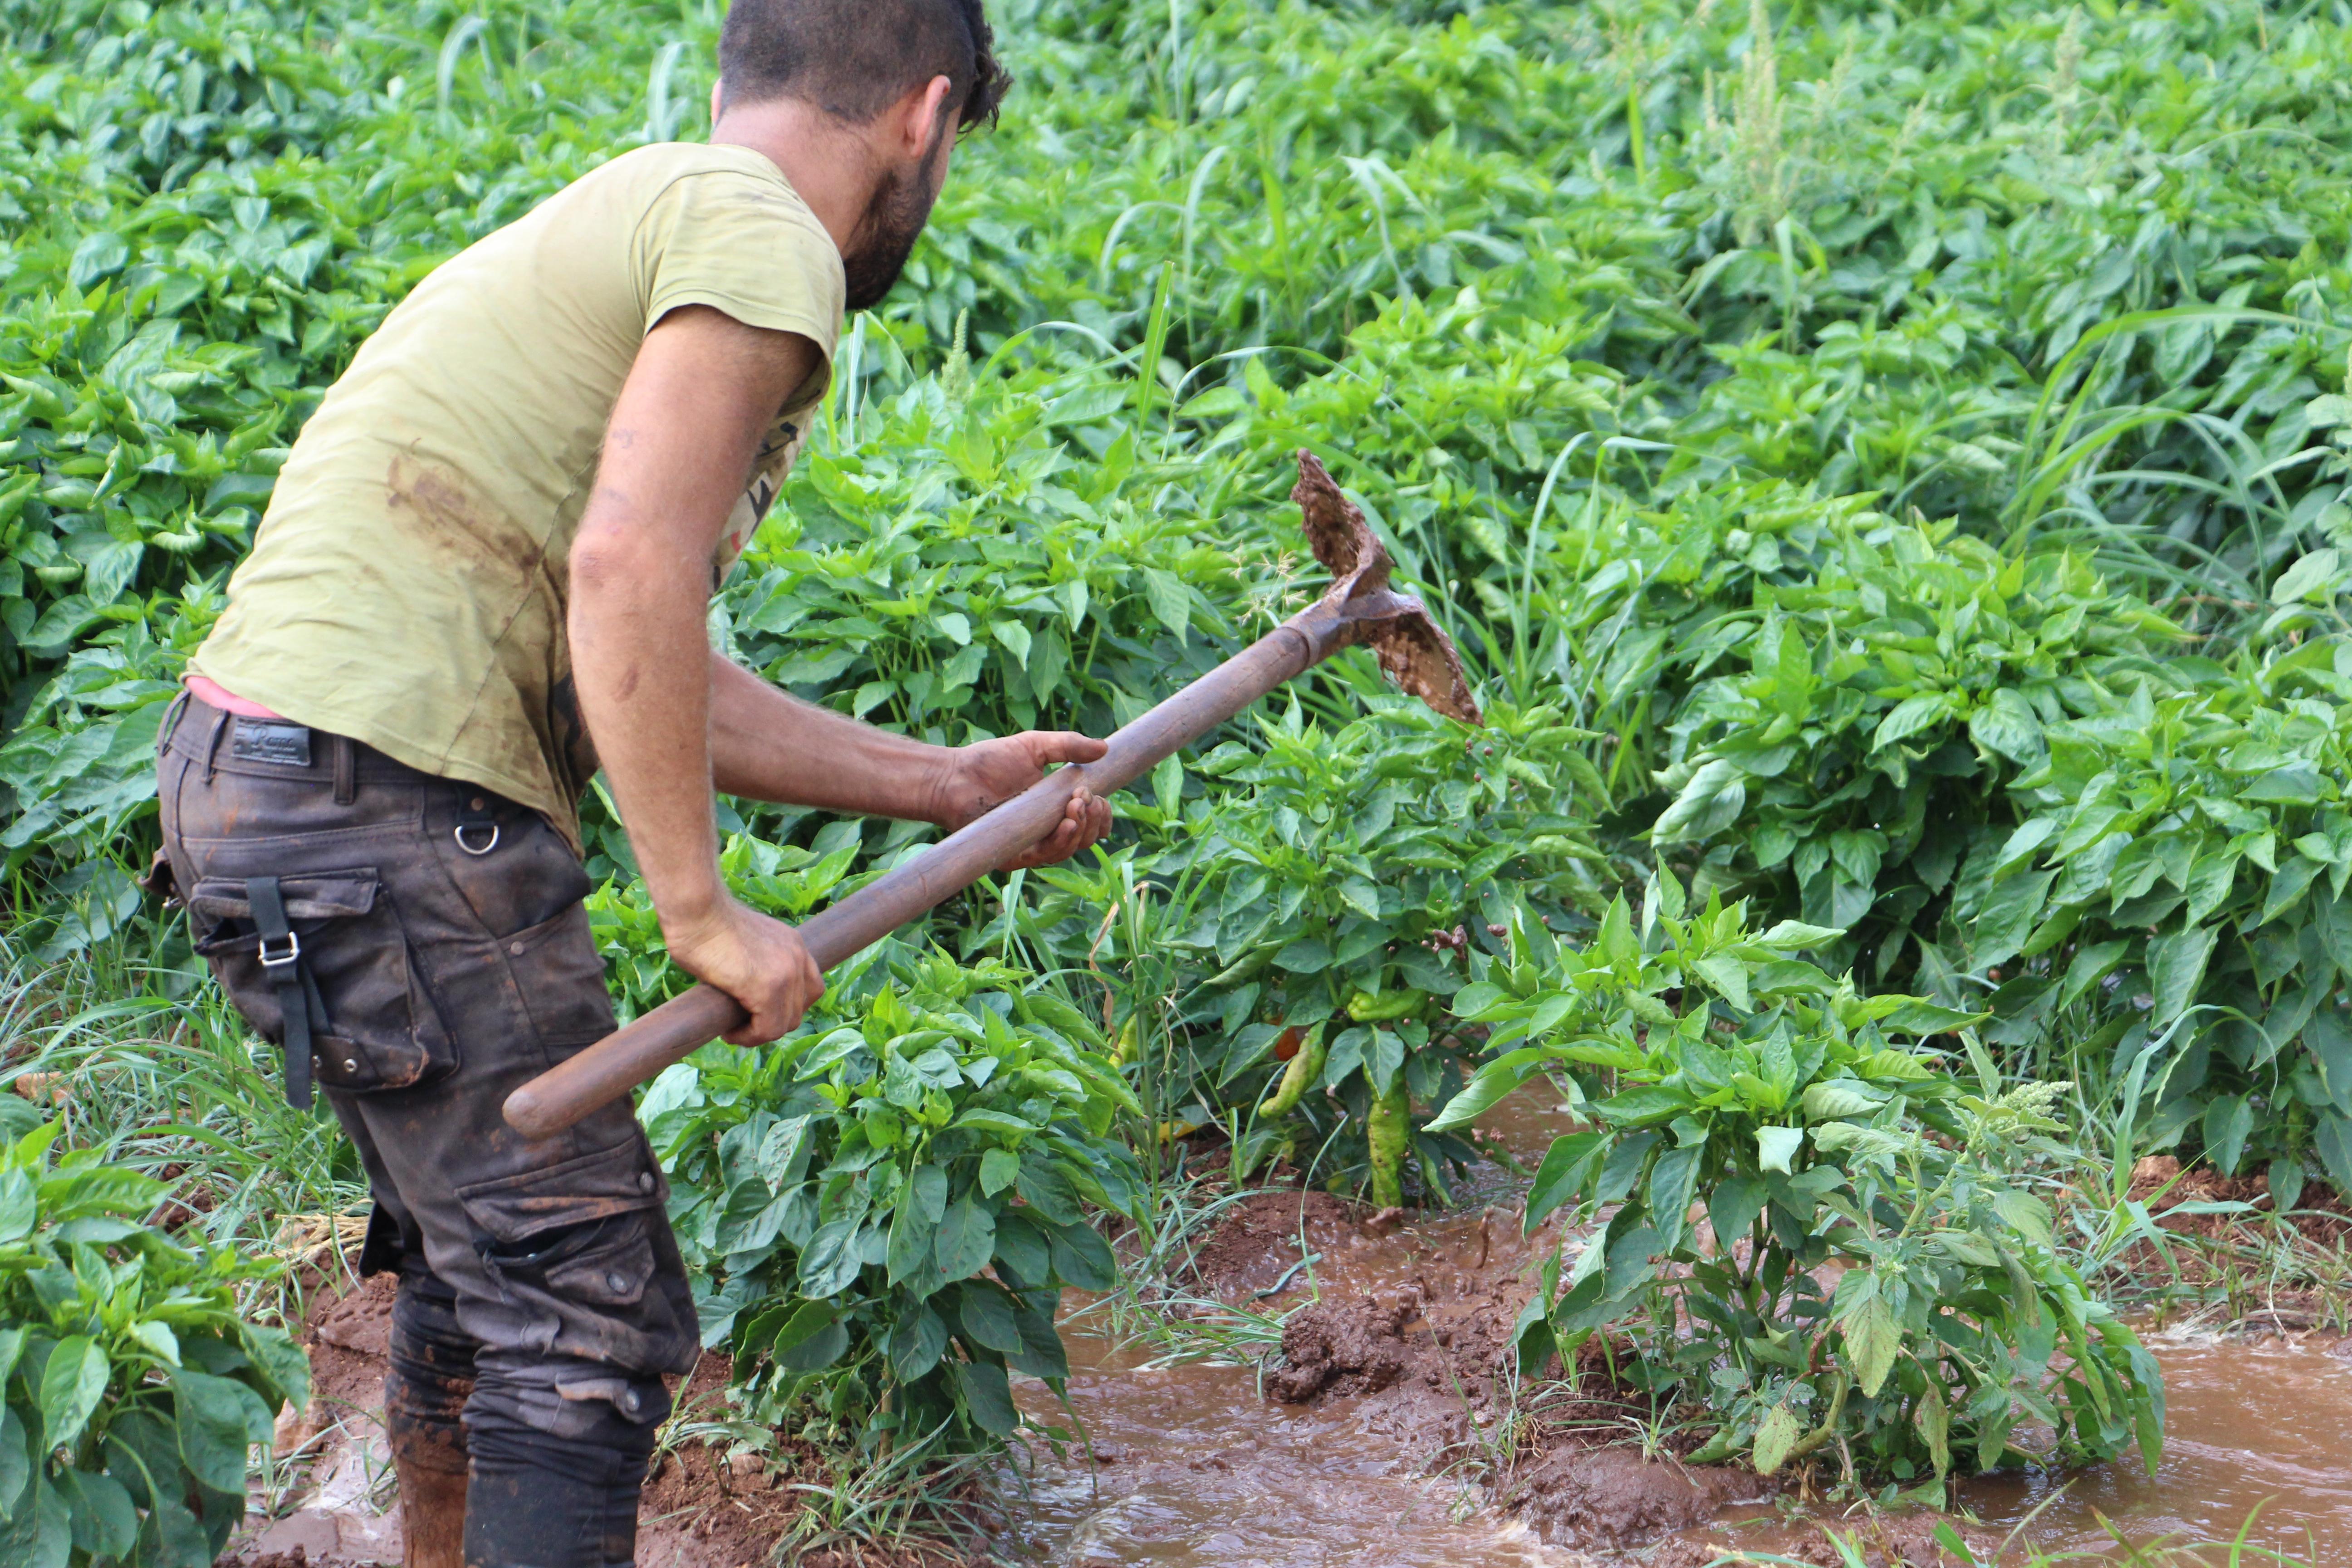 جانب من الدعم الزراعي المقدم من منظمة HIHFAD